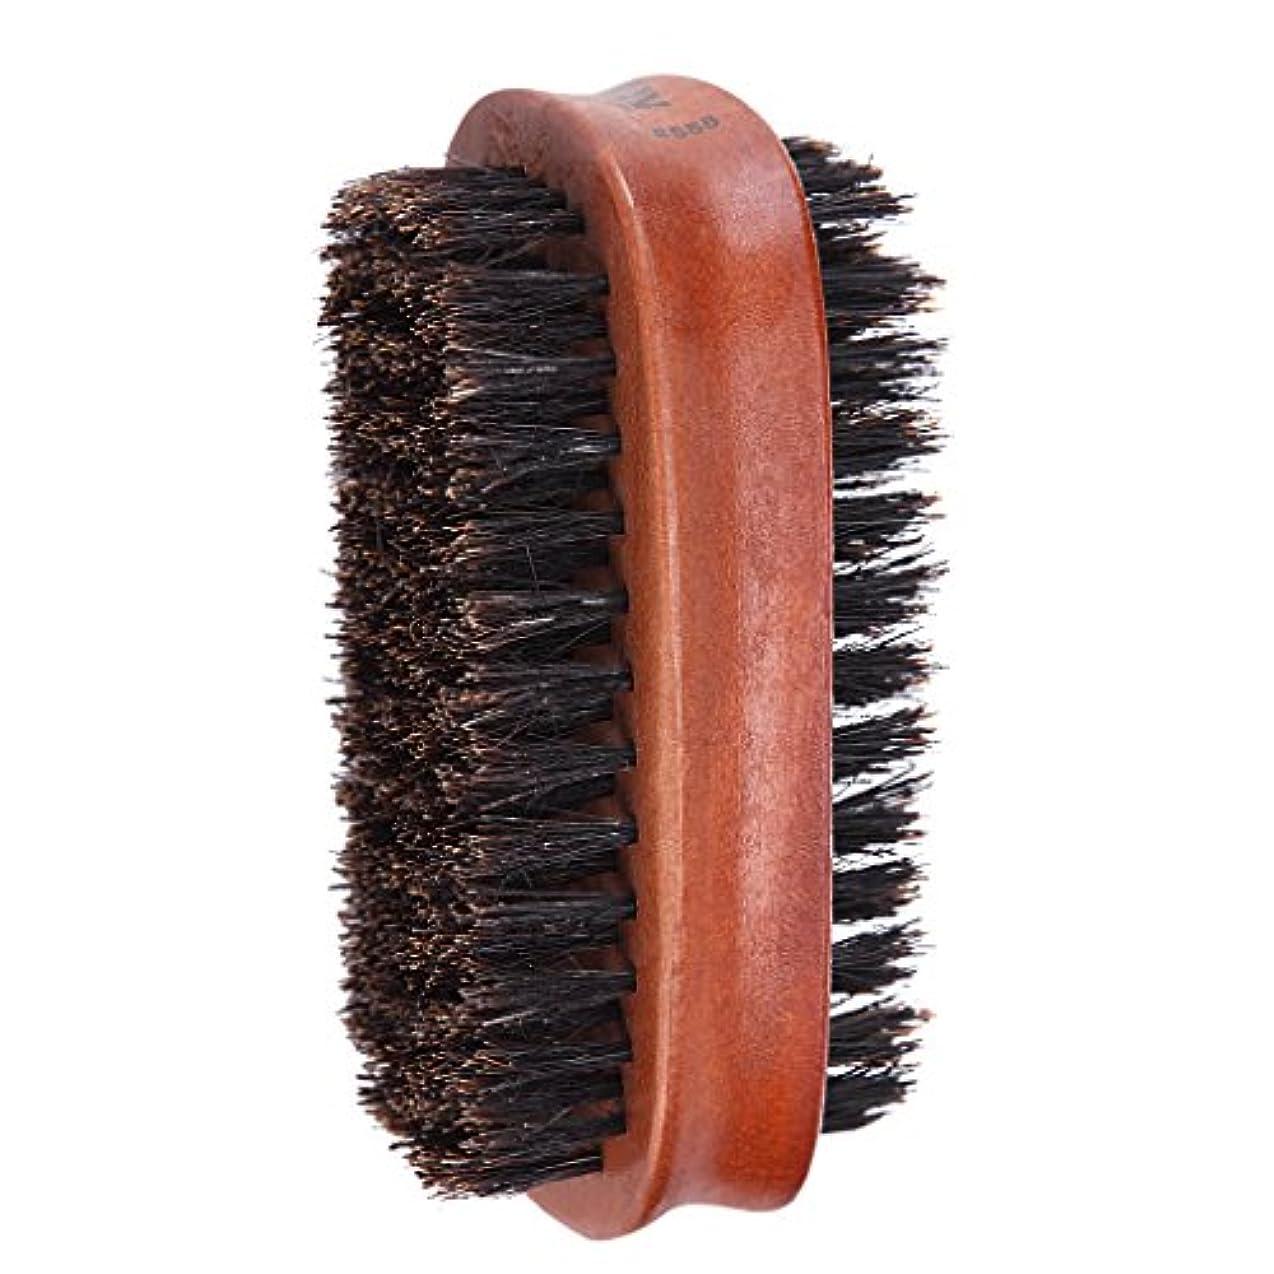 支給ぶどうシャンプーCUTICATE 男性髪髭口ひげグルーミングブラシハード両面コーム